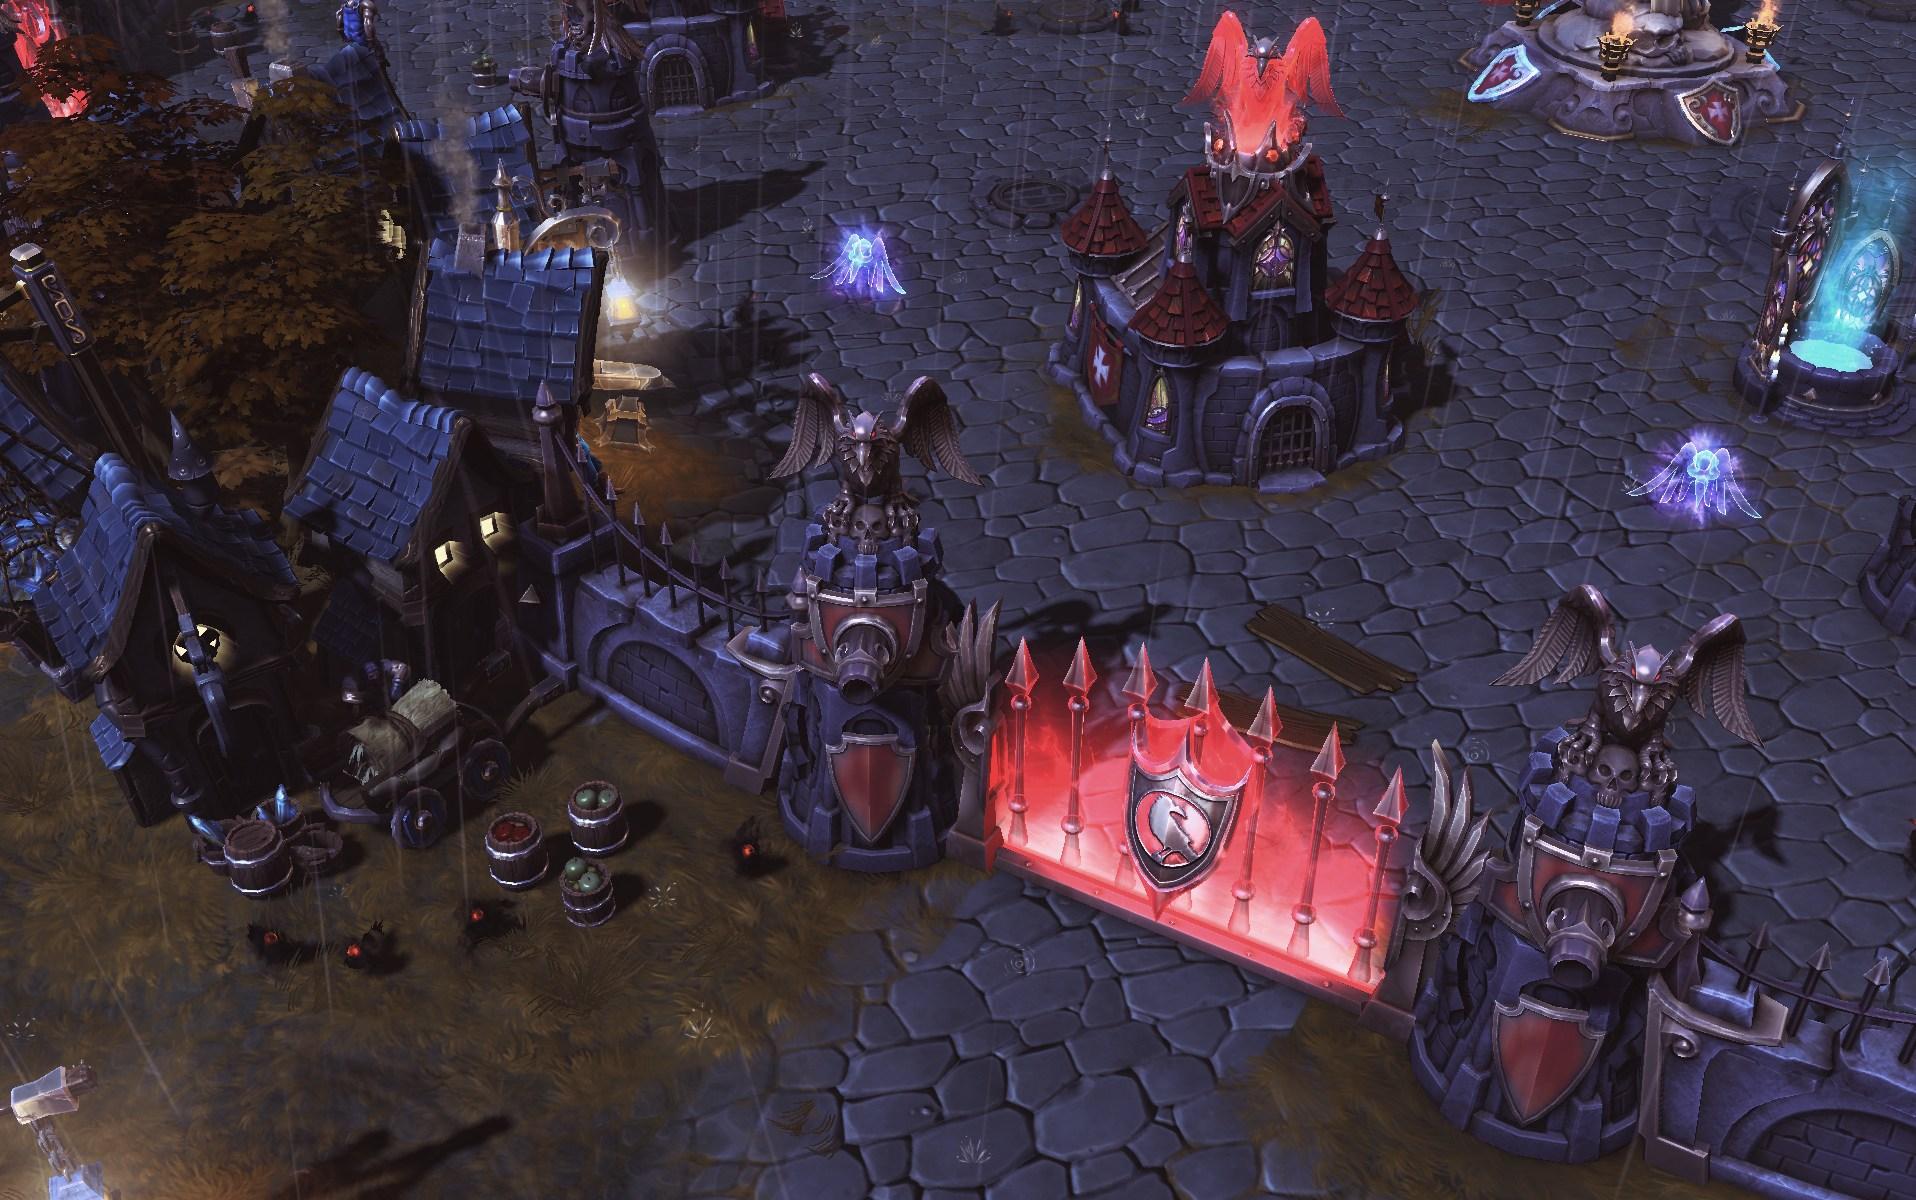 游戏频道图片库 暴雪moba《风暴英雄》战场细节场景图